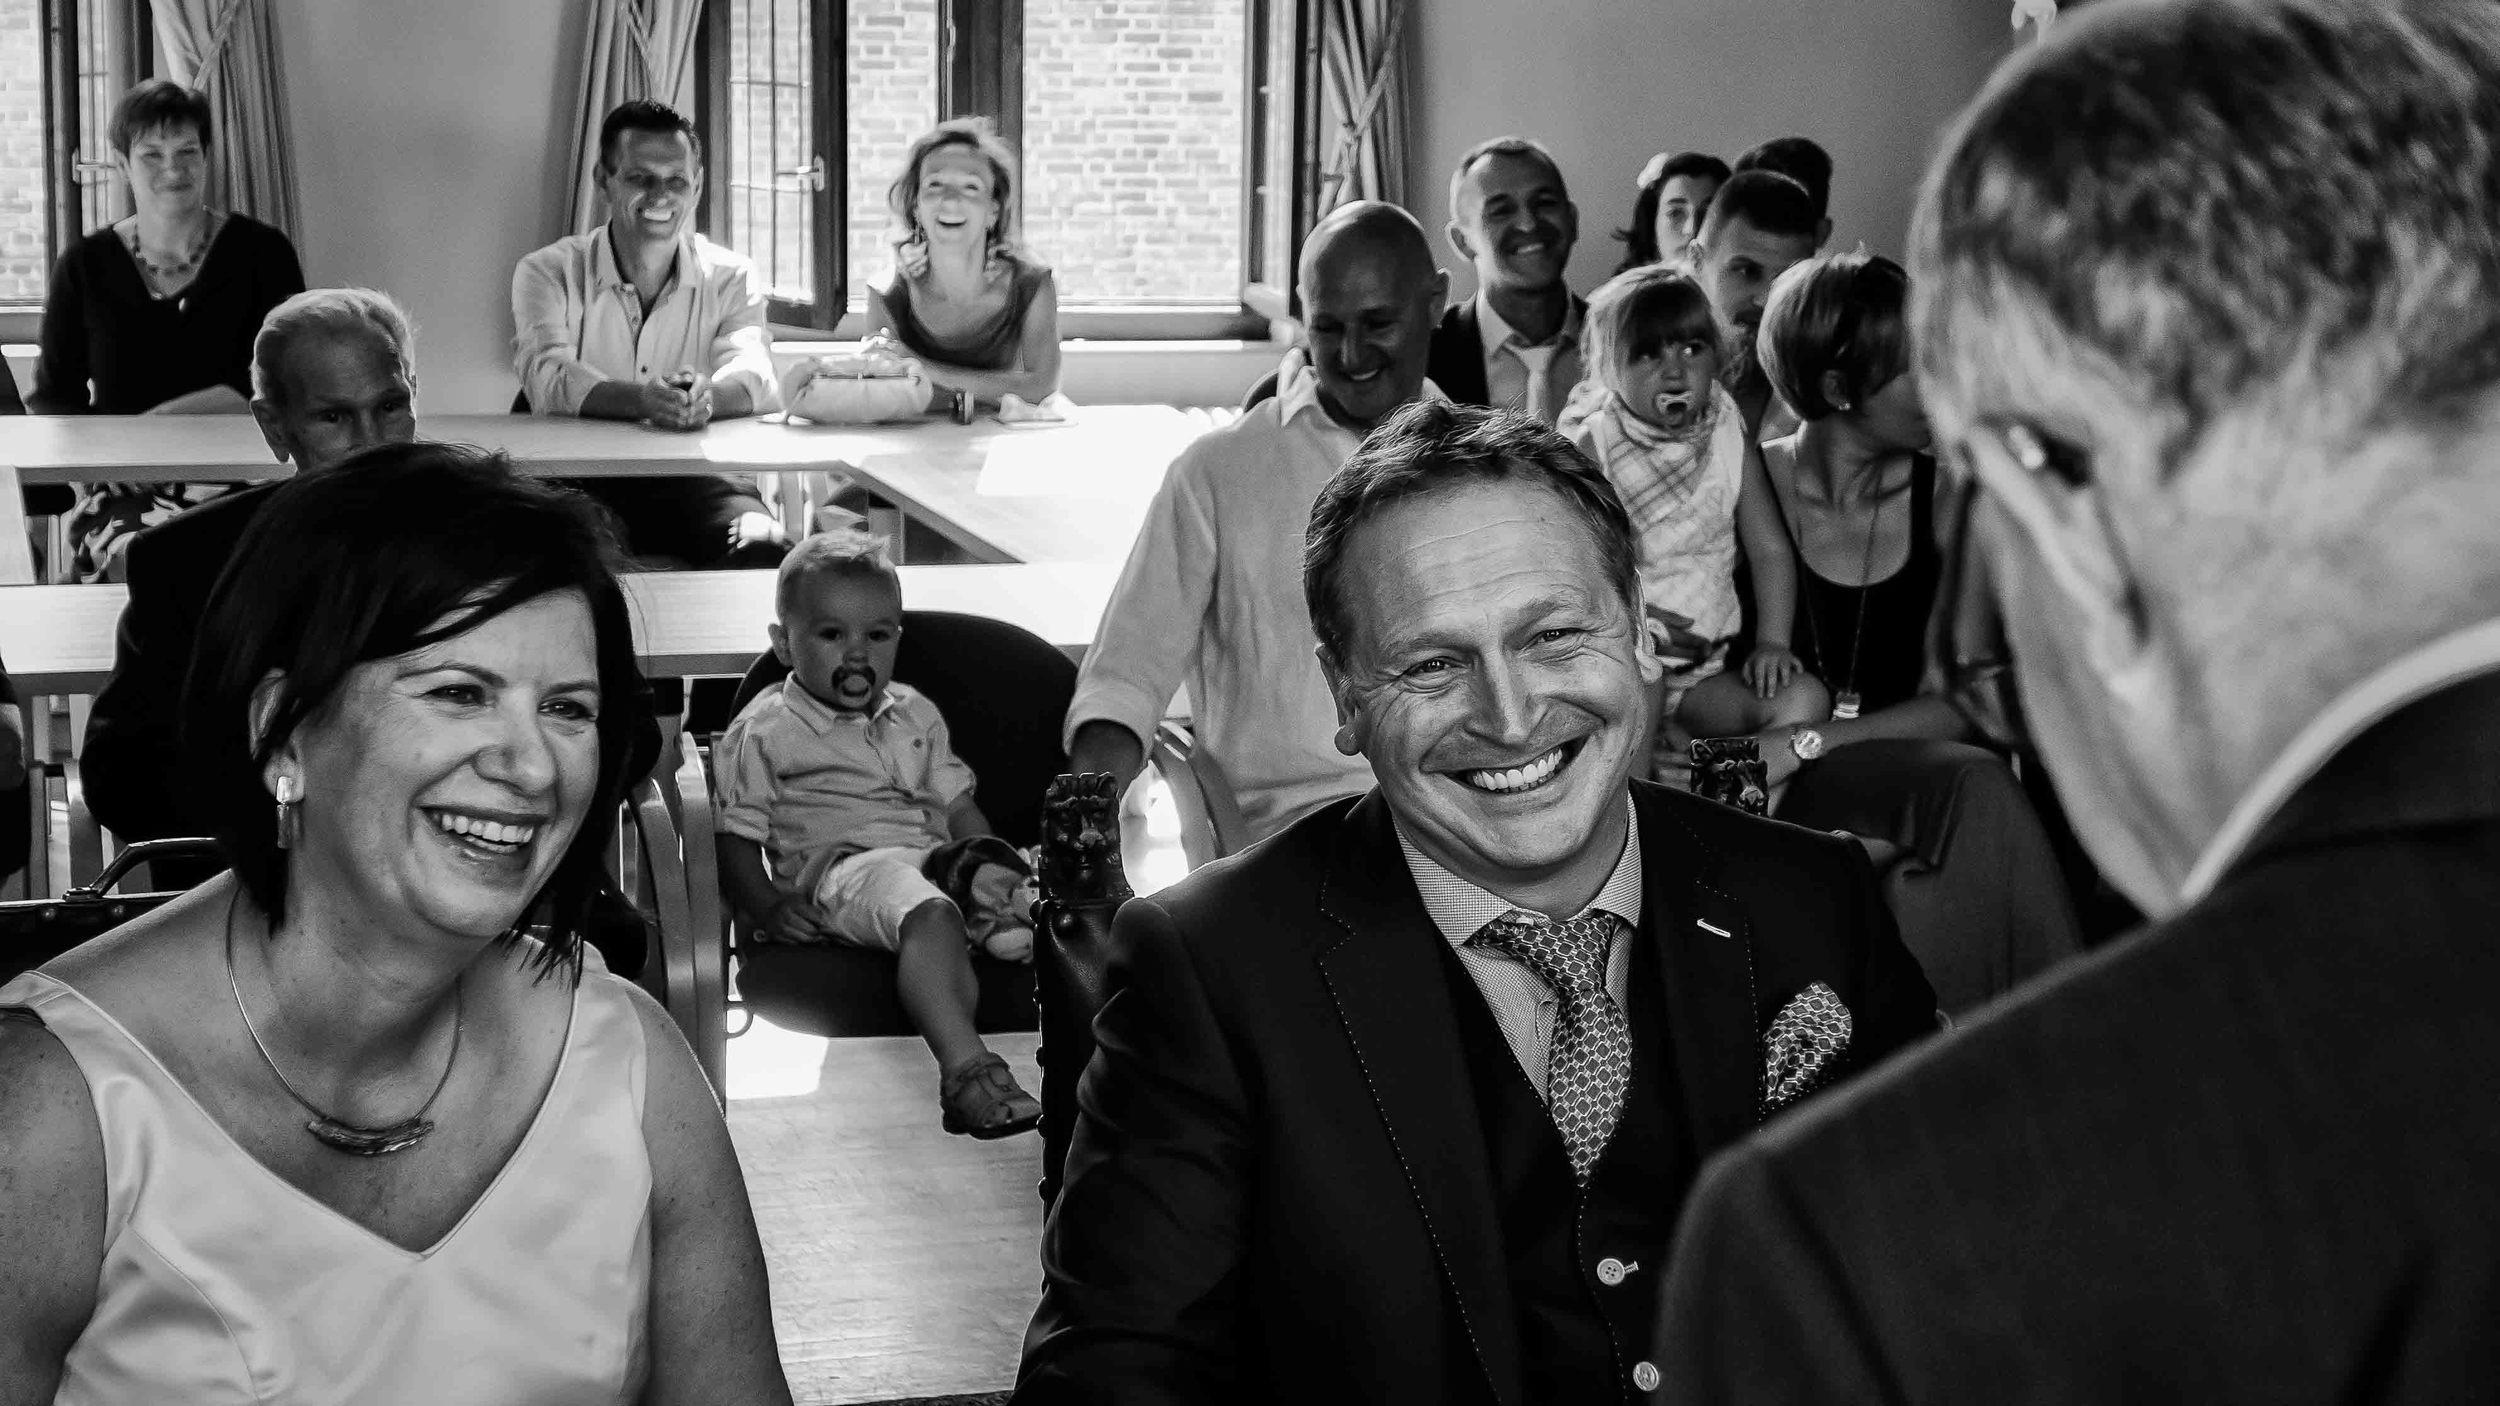 Viewfinder_huwelijksfotografie_huwelijksreportage_7_snelle_tips_gemeentehuis_burgemeester_gemeentehuis.jpg